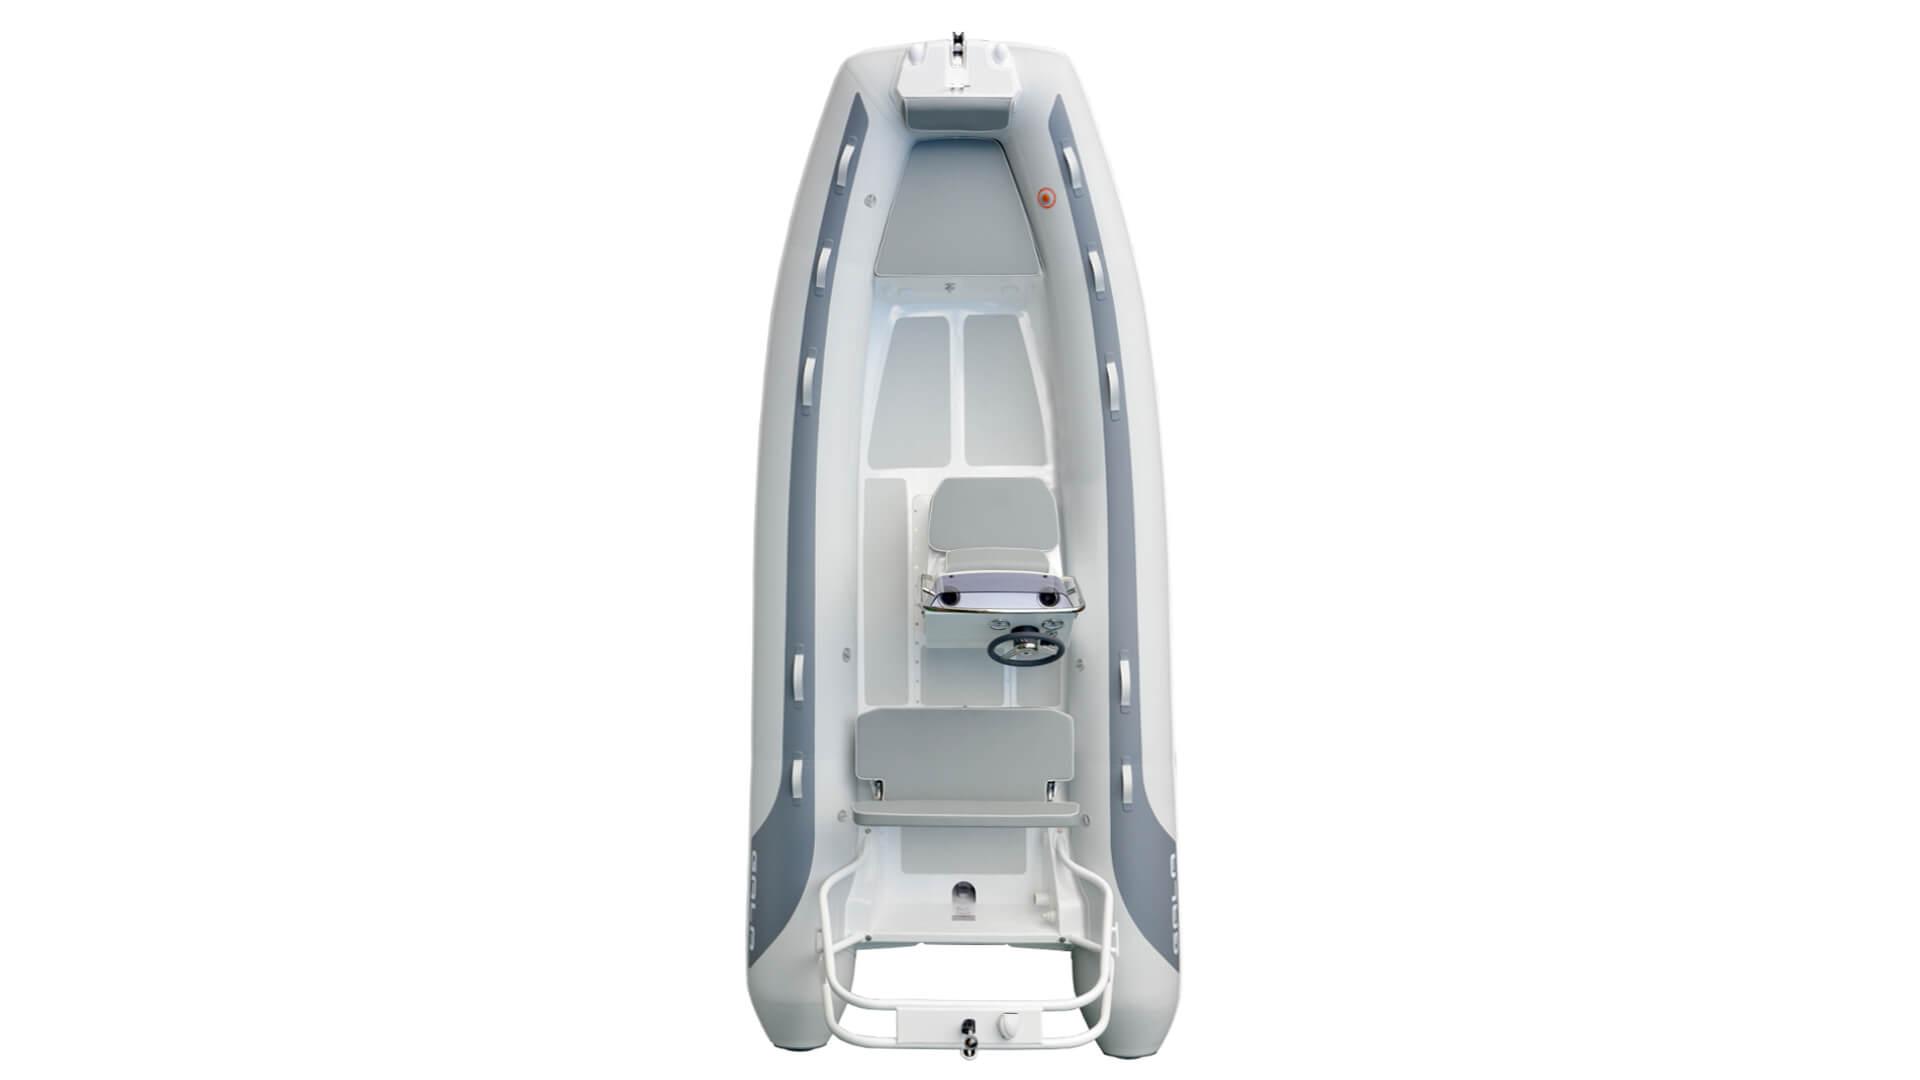 Надувная лодка с жестким алюминиевым дном GALA Atlantis A500L, Надувная лодка с жестким дном GALA Atlantis A500L, Надувная лодка с жестким дном GALA A500L, Надувная лодка GALA A500L, Надувная лодка GALA A500L, GALA A500L, лодка с жестким дном, алюминиевый риб, алюминиевый RIB, RIB, тендерная лодка, тендер для яхты